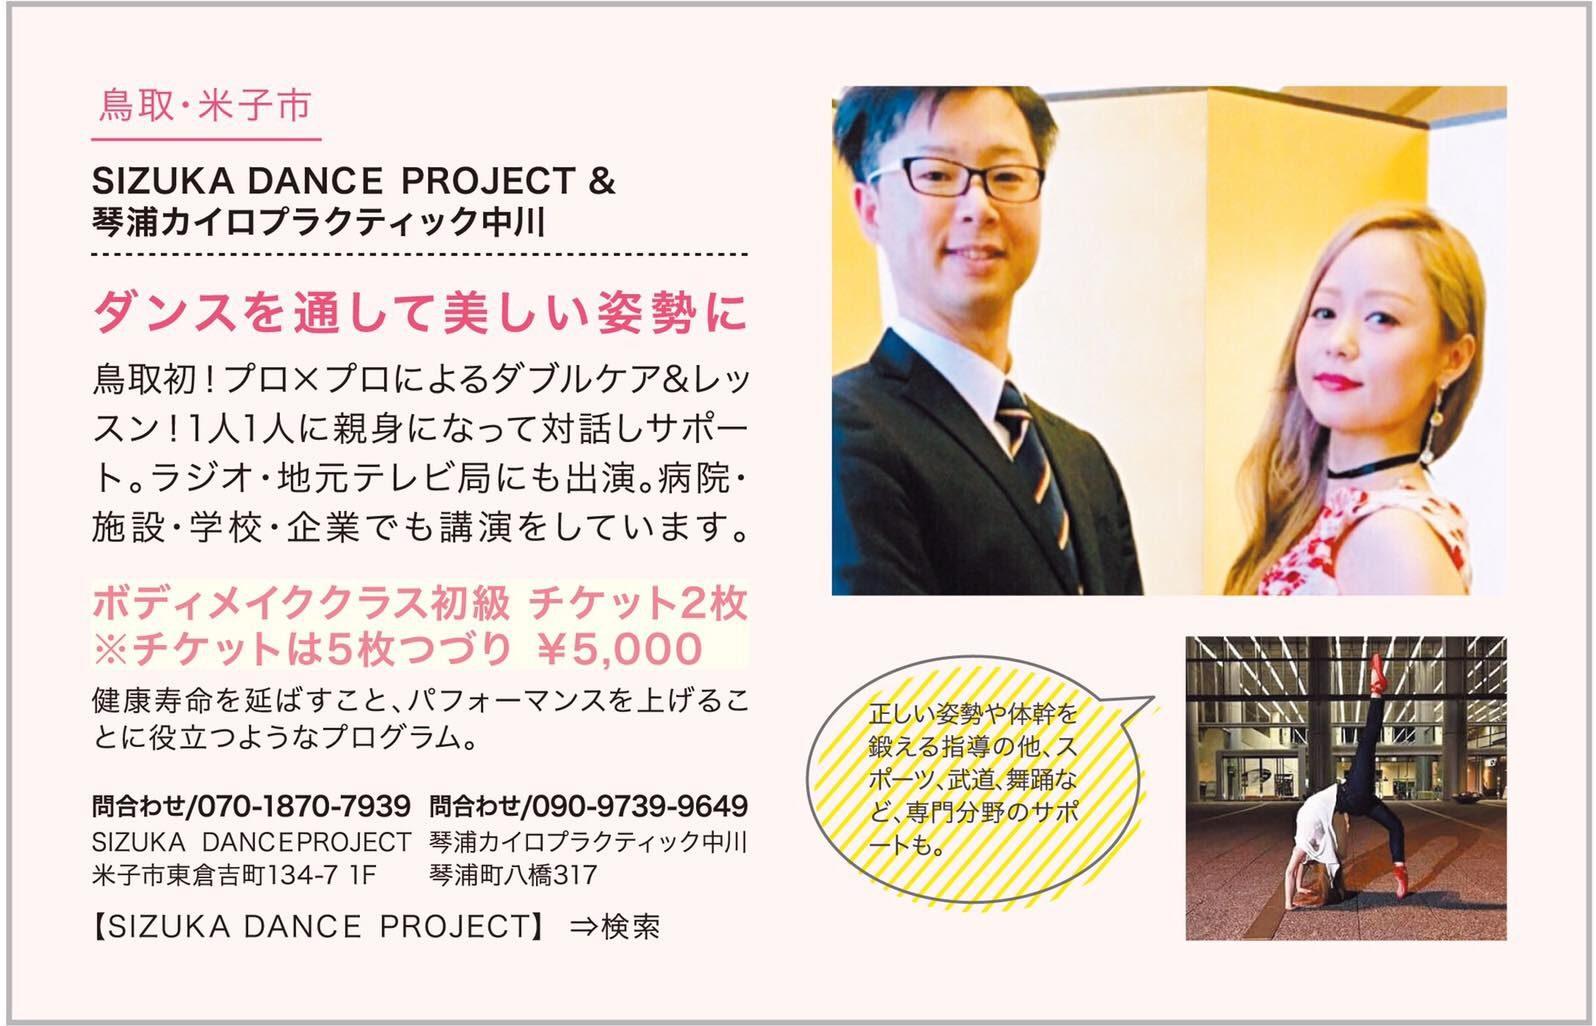 SHIZUKA DANCE PROJECTと提携